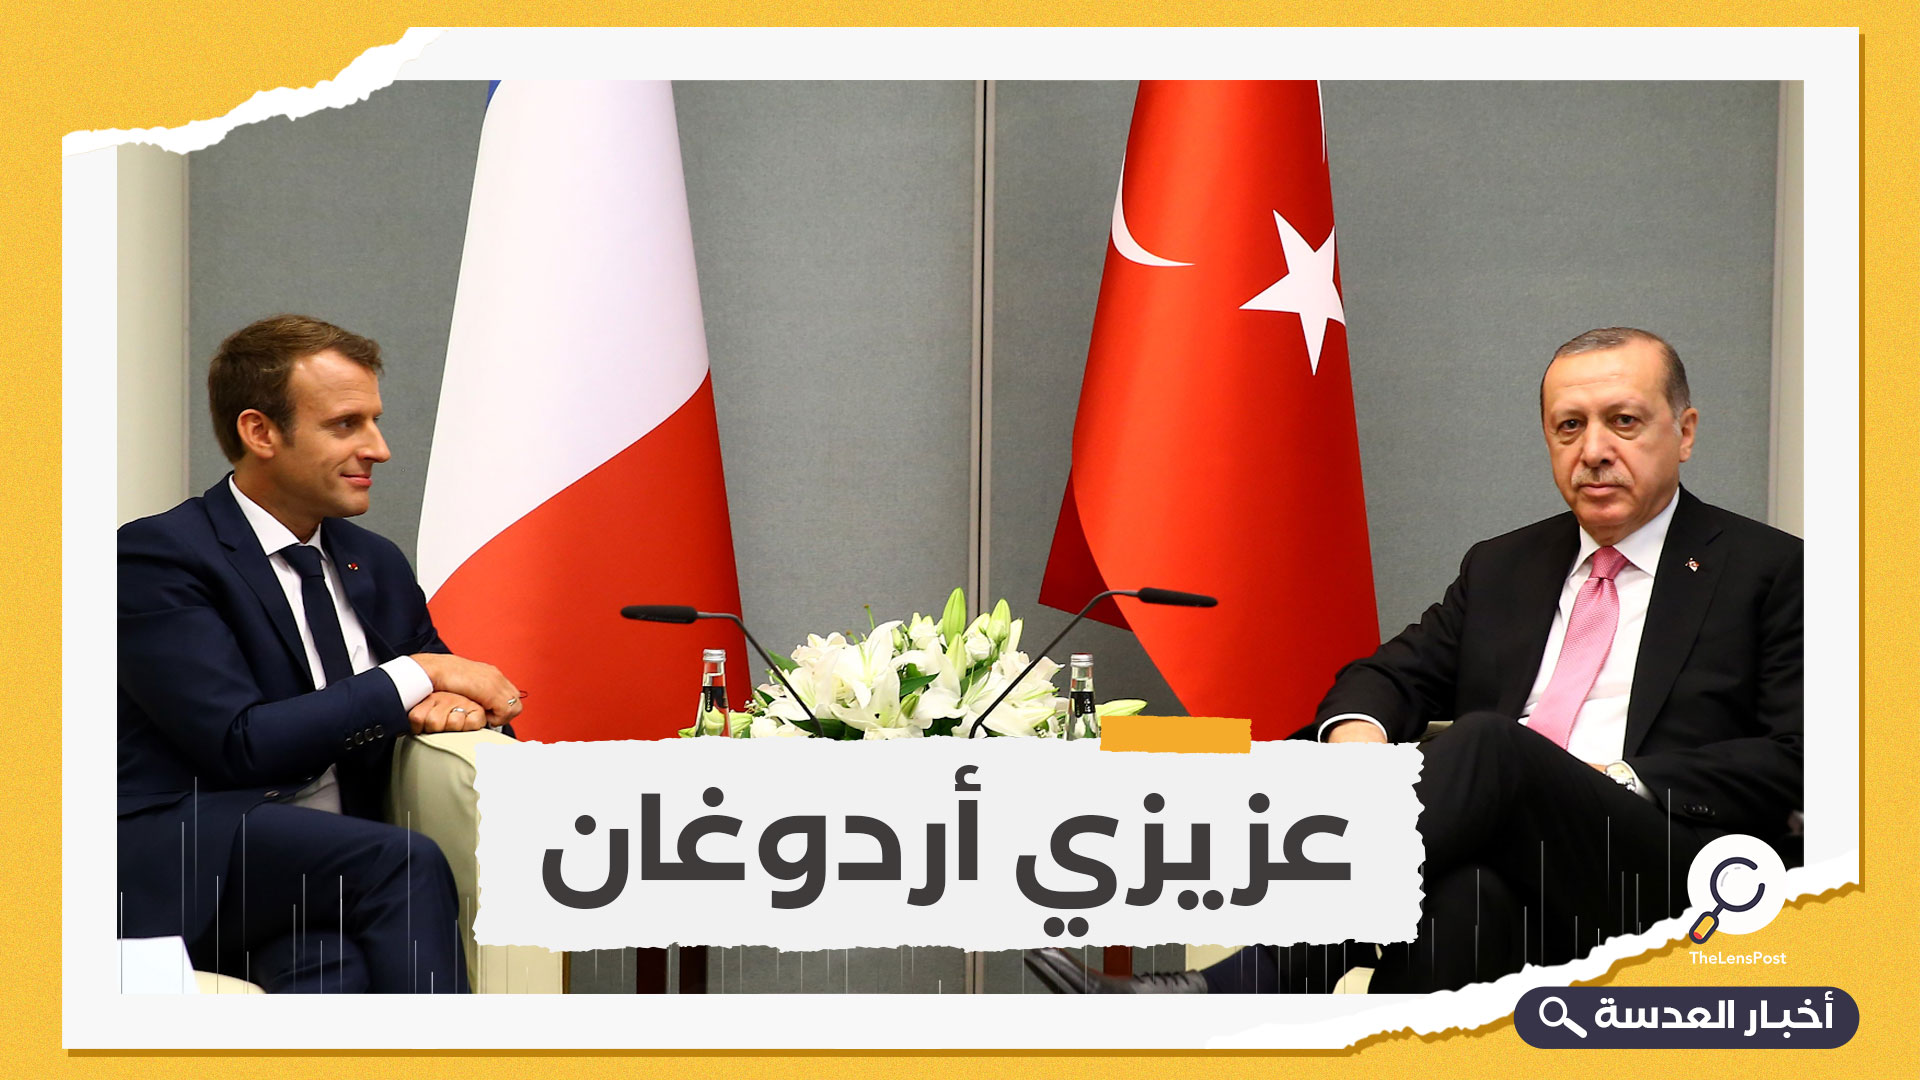 يستهلها باللغة التركية.. ماكرون يوجه رسالة لأردوغان